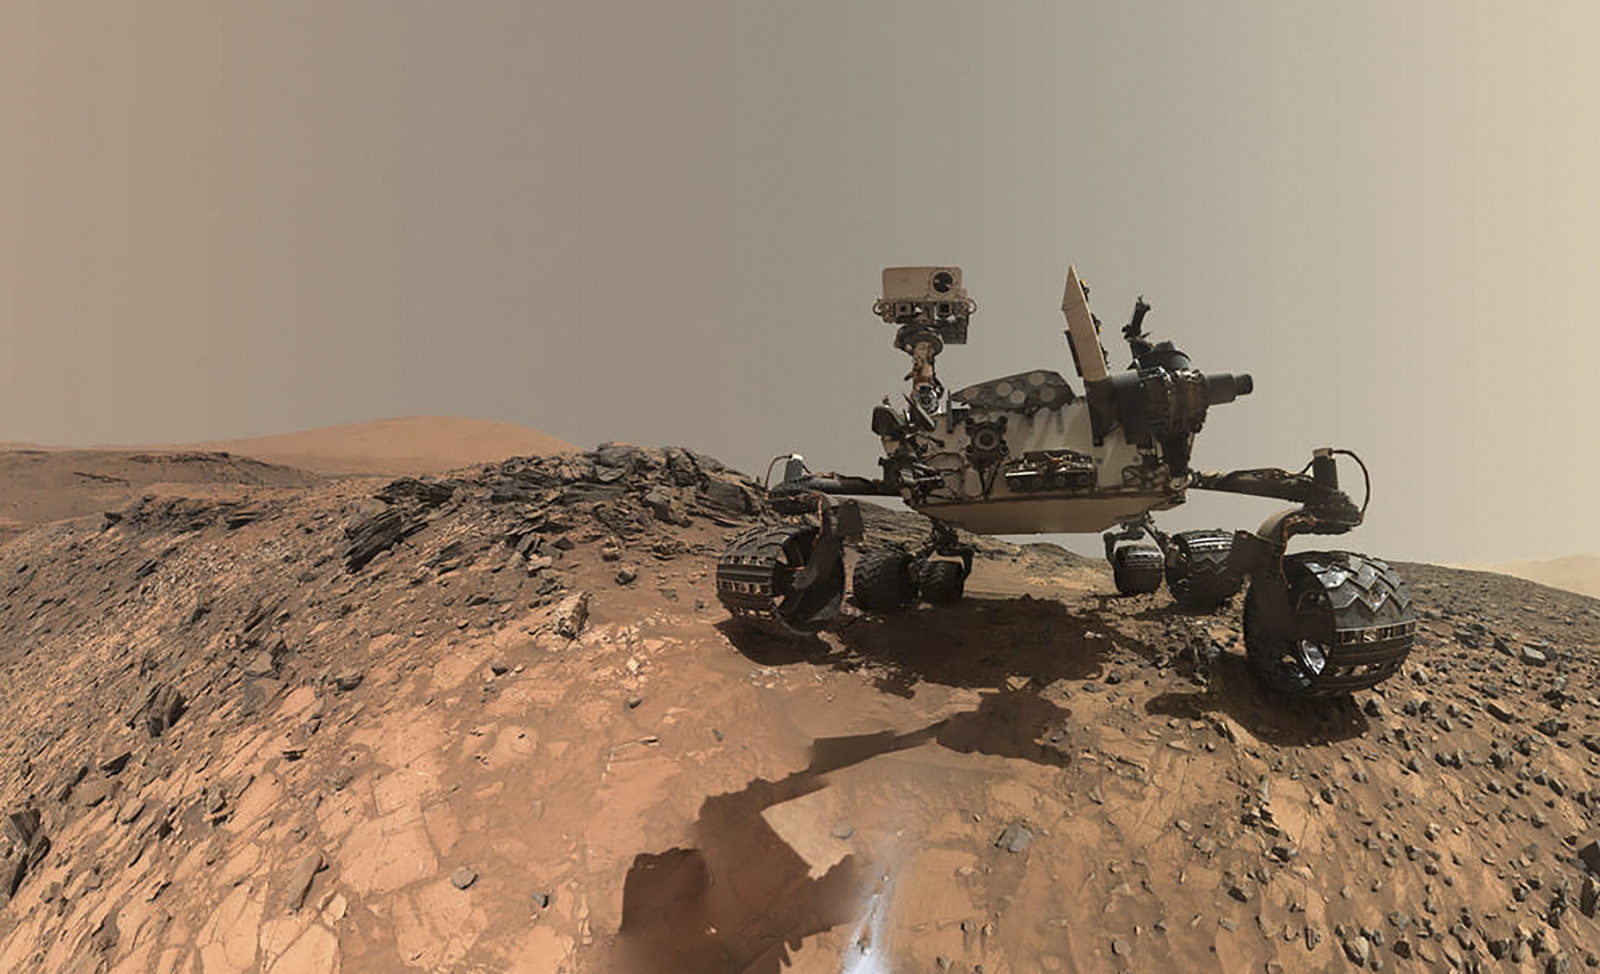 Obrázek: Život na Marsu hledáme na správném místě. Kráter, kde se prohání vozítko NASA, mohl být jeho líhní